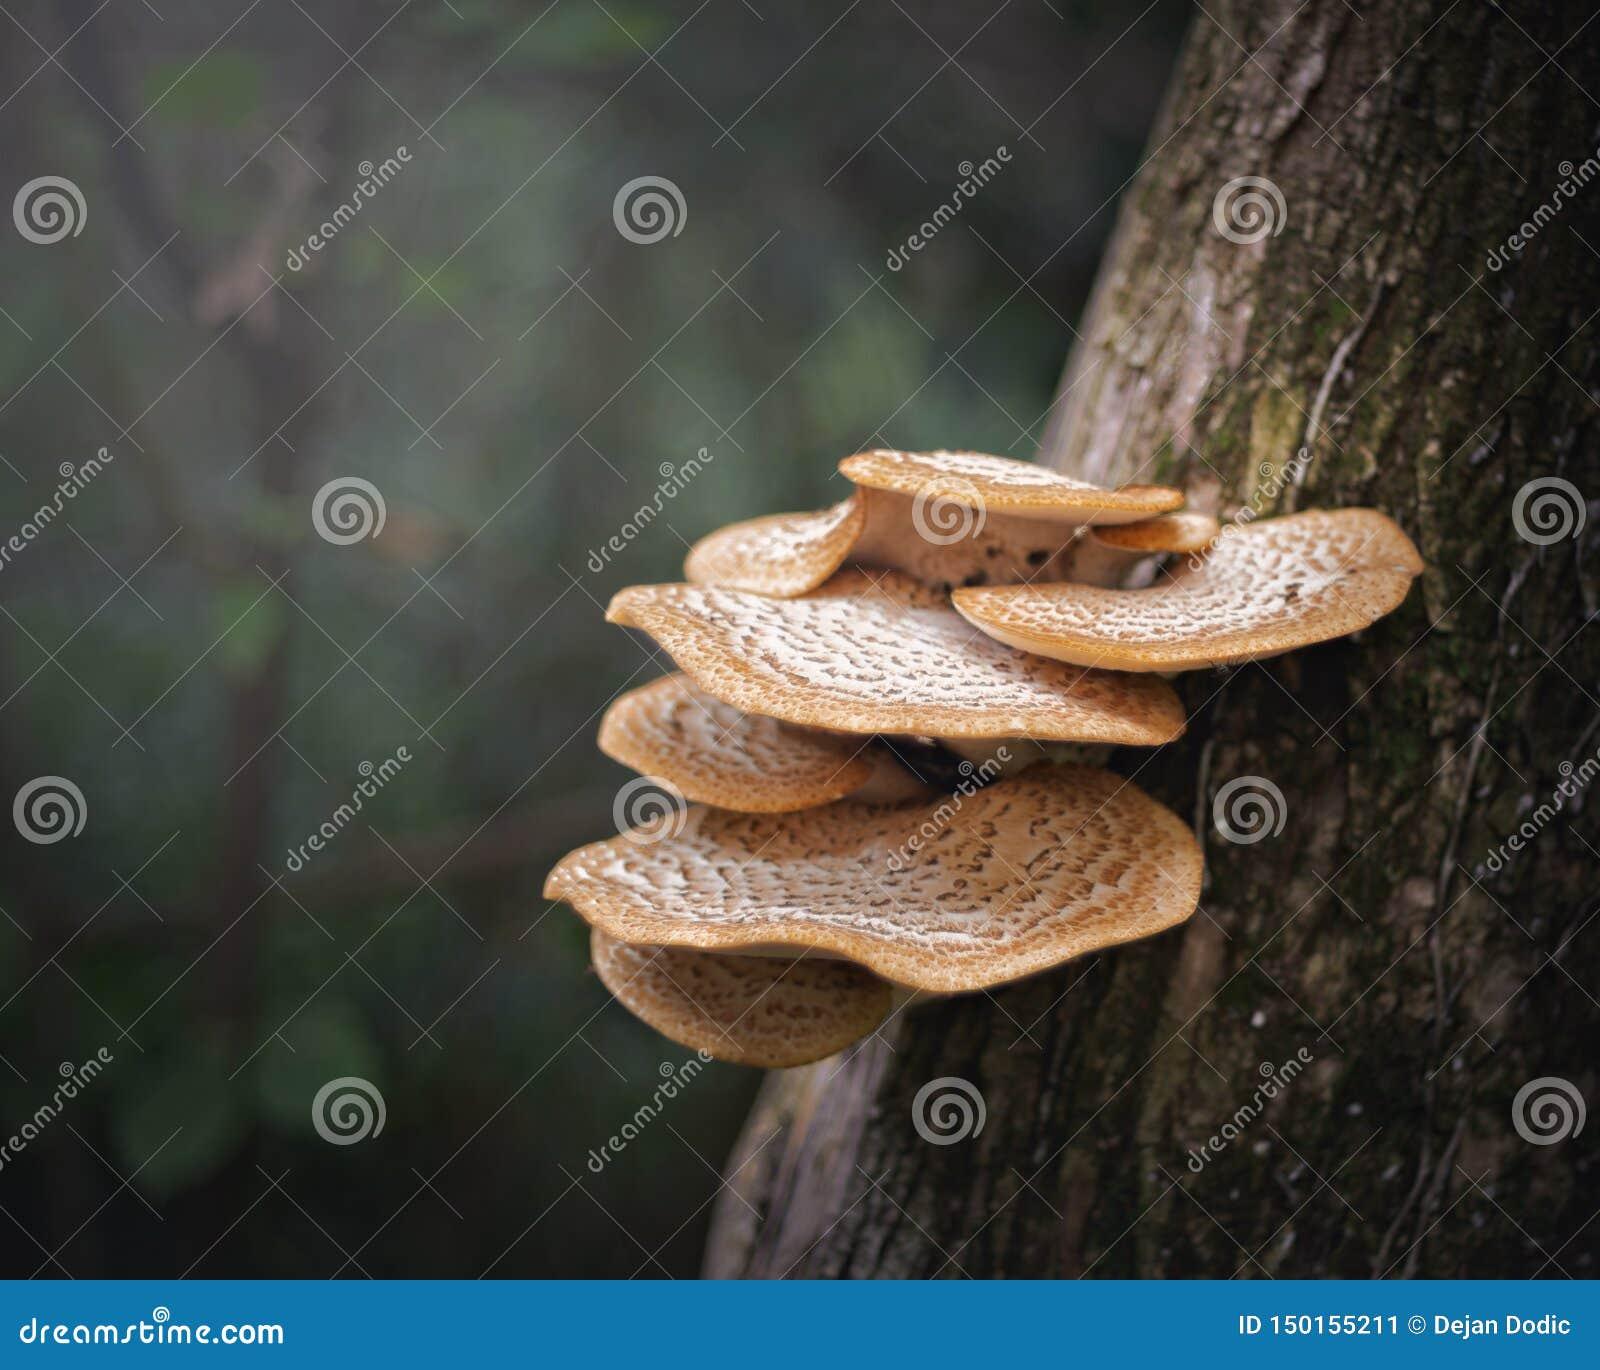 Tree fungus toadstools mushrooms